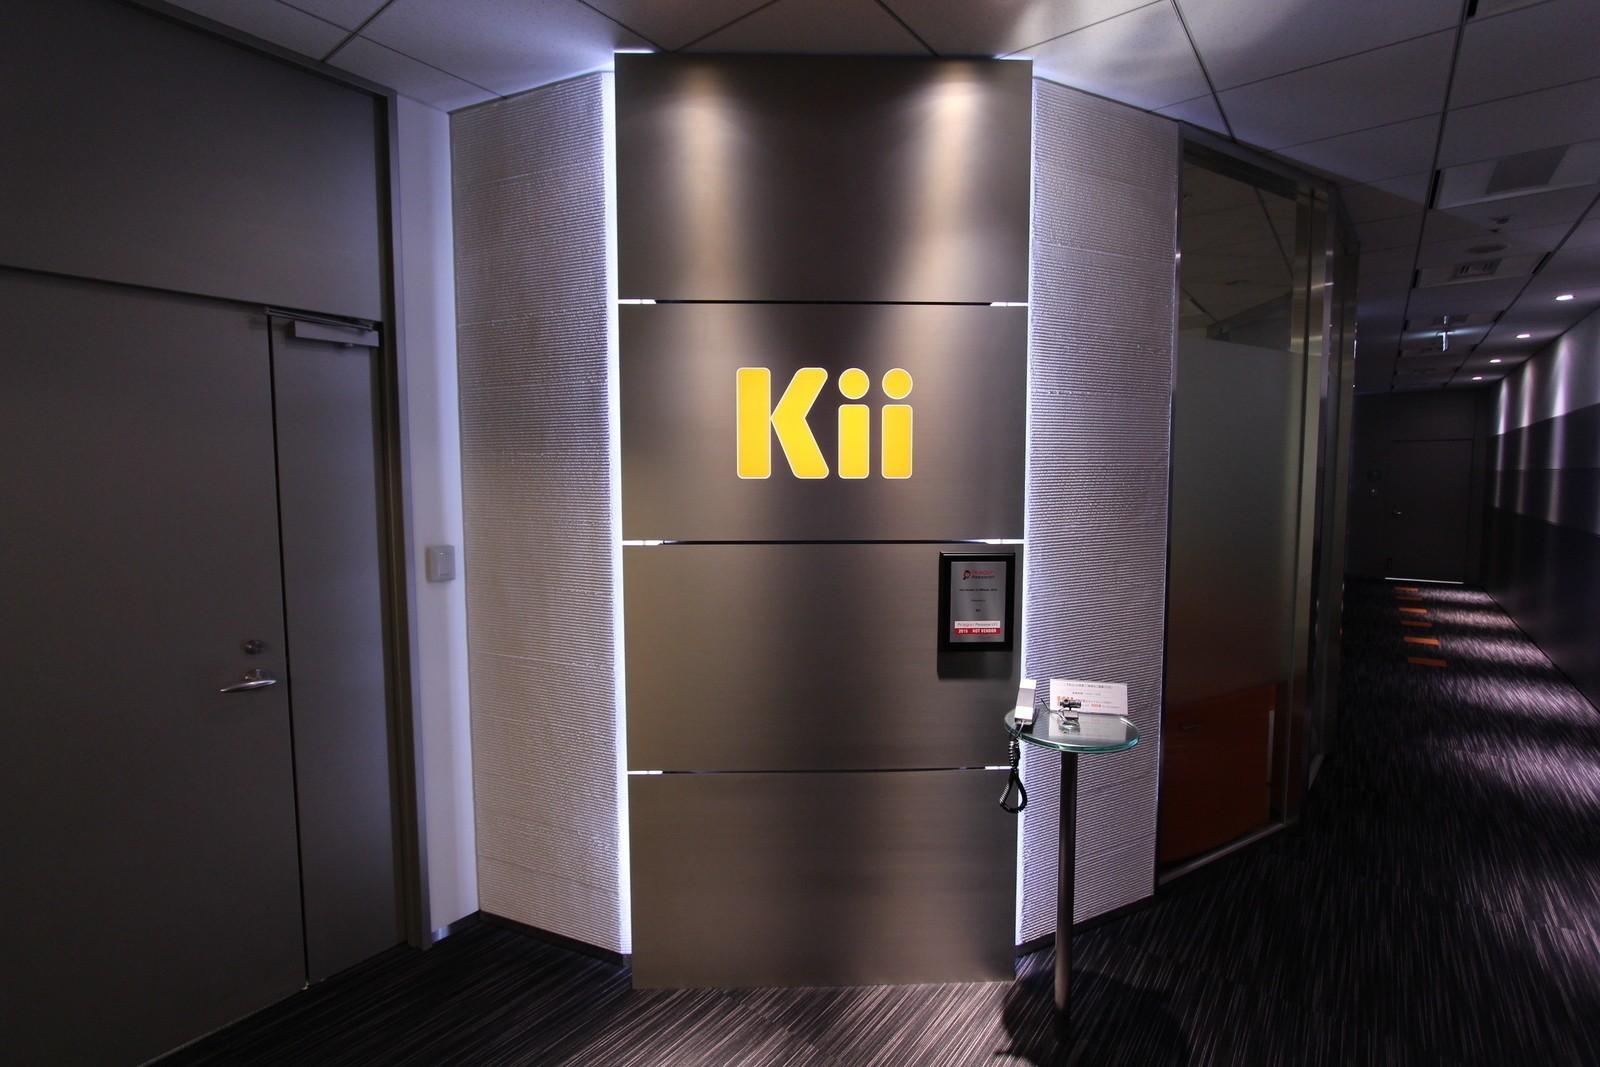 海外の複数地域でも展開中! IoT機器・モバイルアプリ向けBaaS「Kii Cloud」の開発者コンソールを開発するフロントエンドエンジニアを募集!